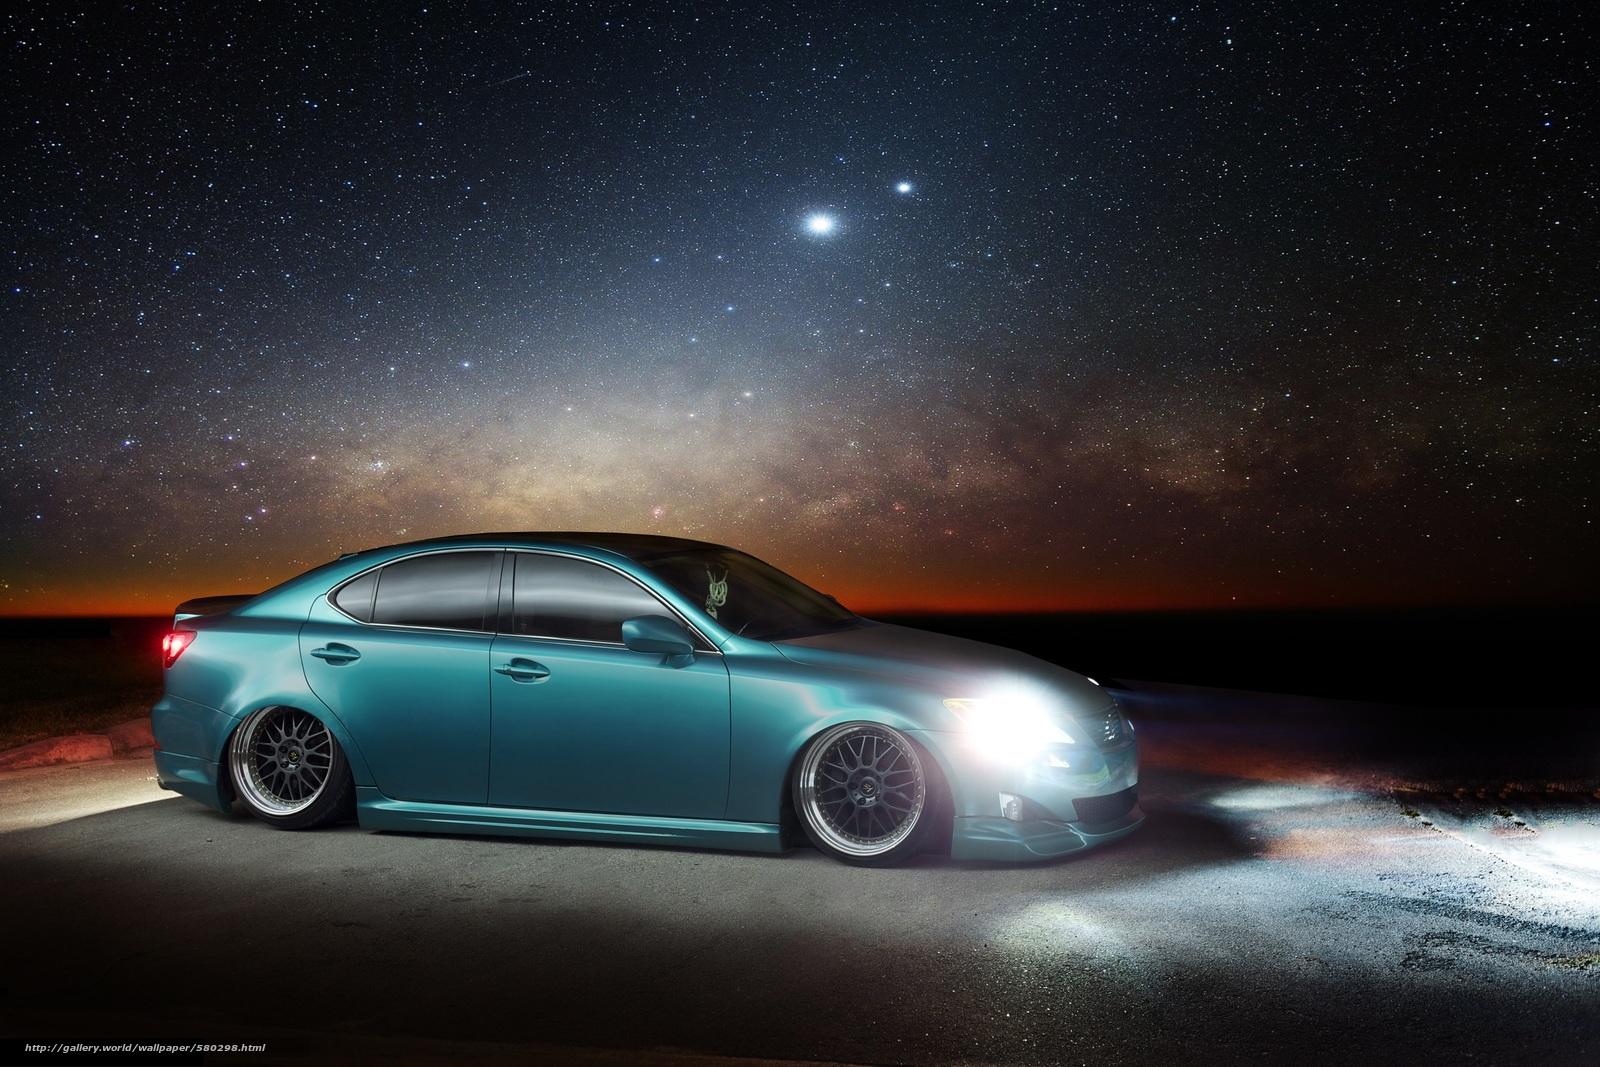 Download wallpaper Lexus,  Lexus,  Star free desktop wallpaper in the resolution 2800x1867 — picture №580298